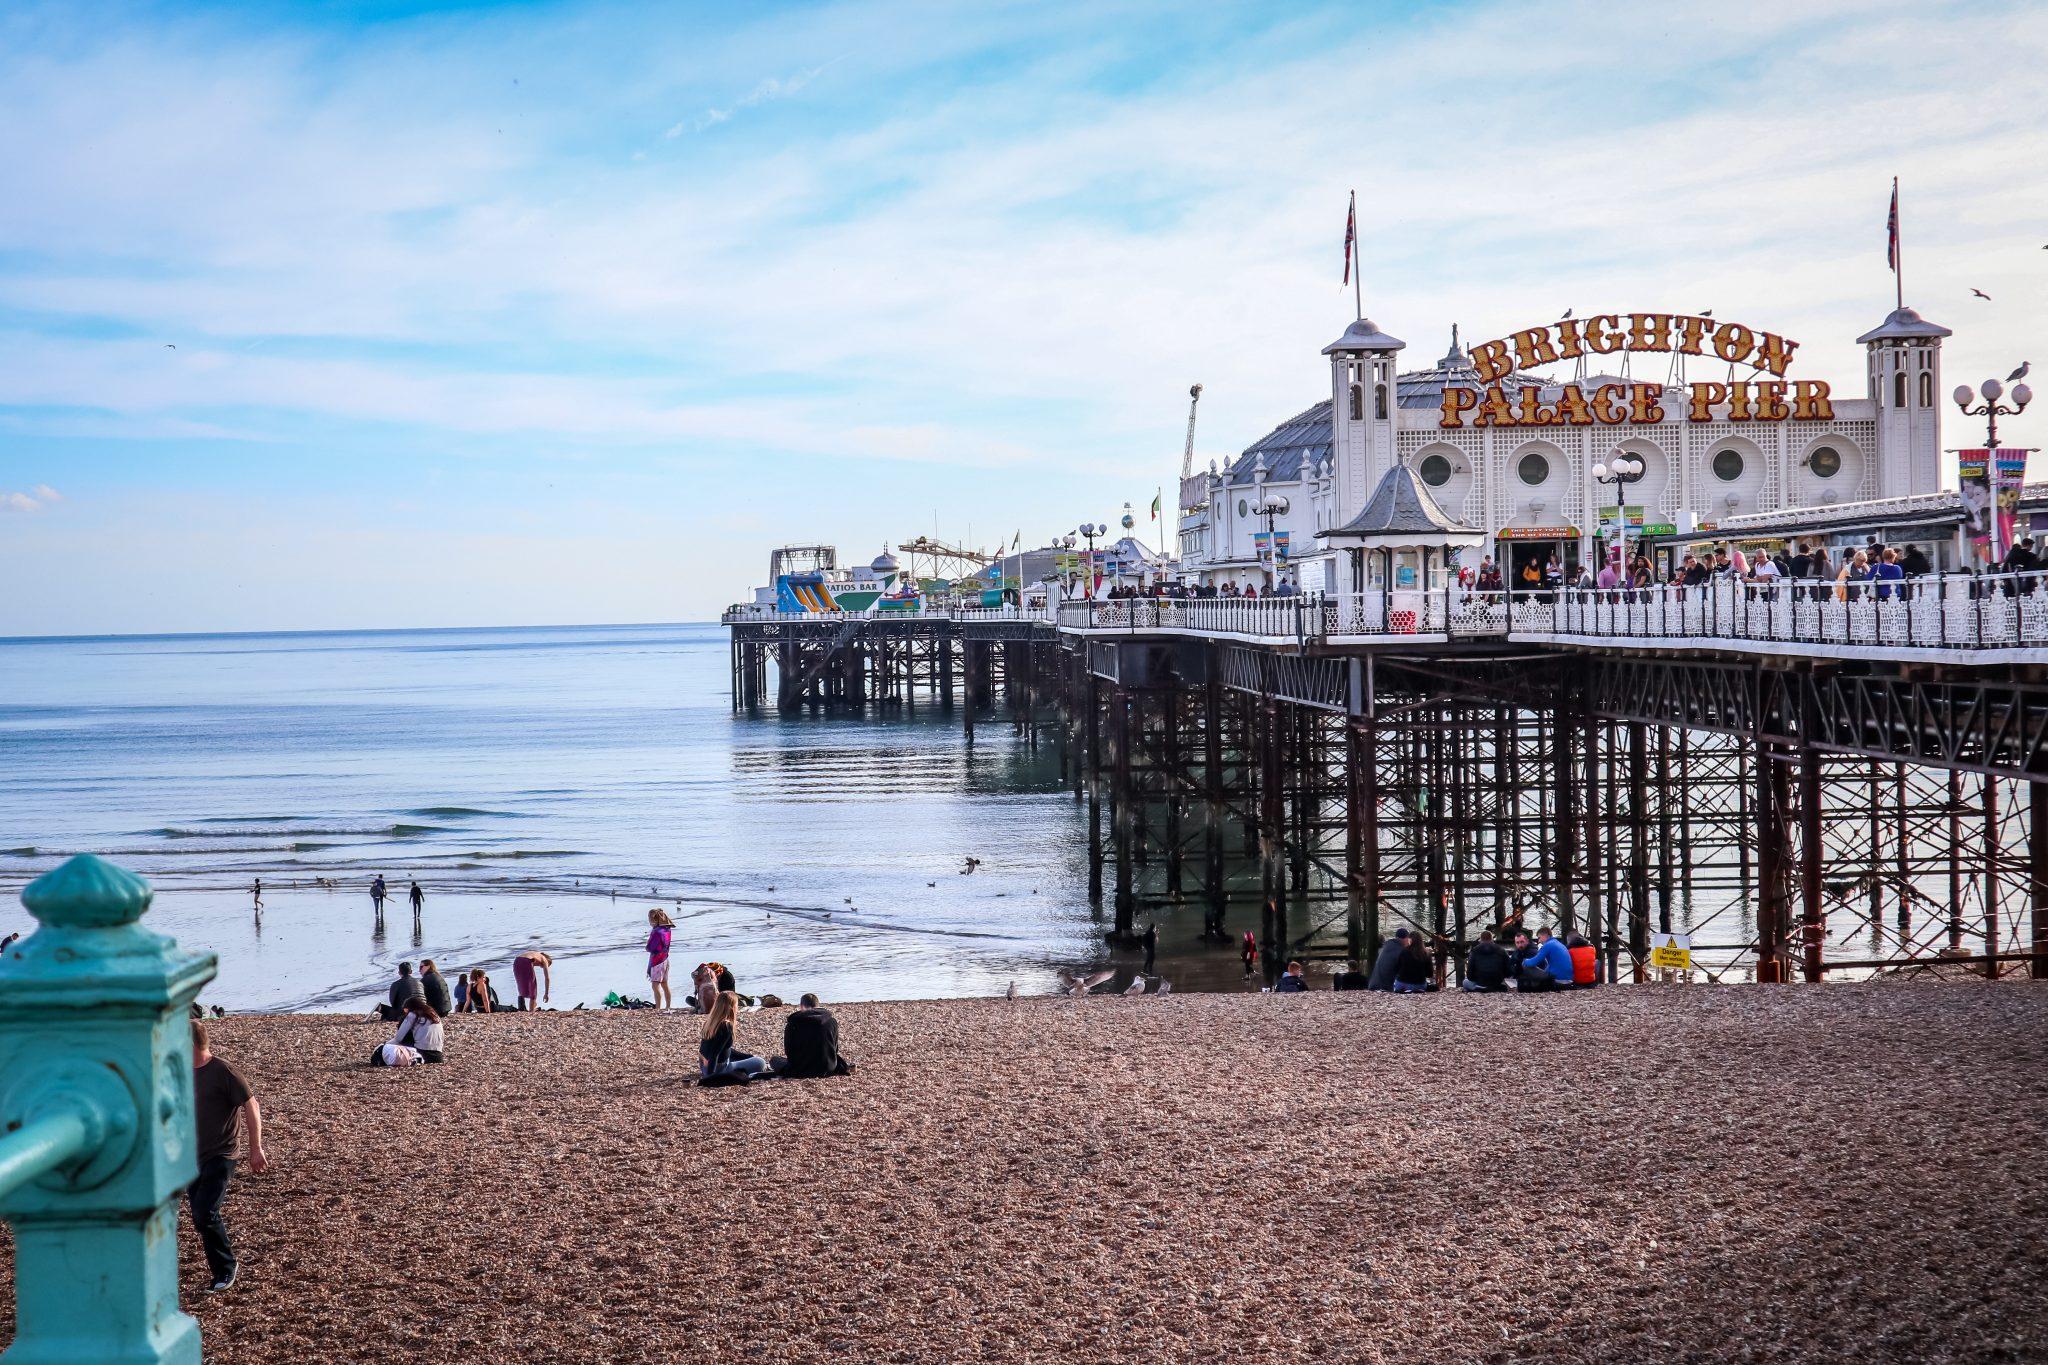 Brighton (England) Pier: Antonia verbringt dort 4 Monate, um ihr freiwilliges Auslandspraktikum zu absolvieren.